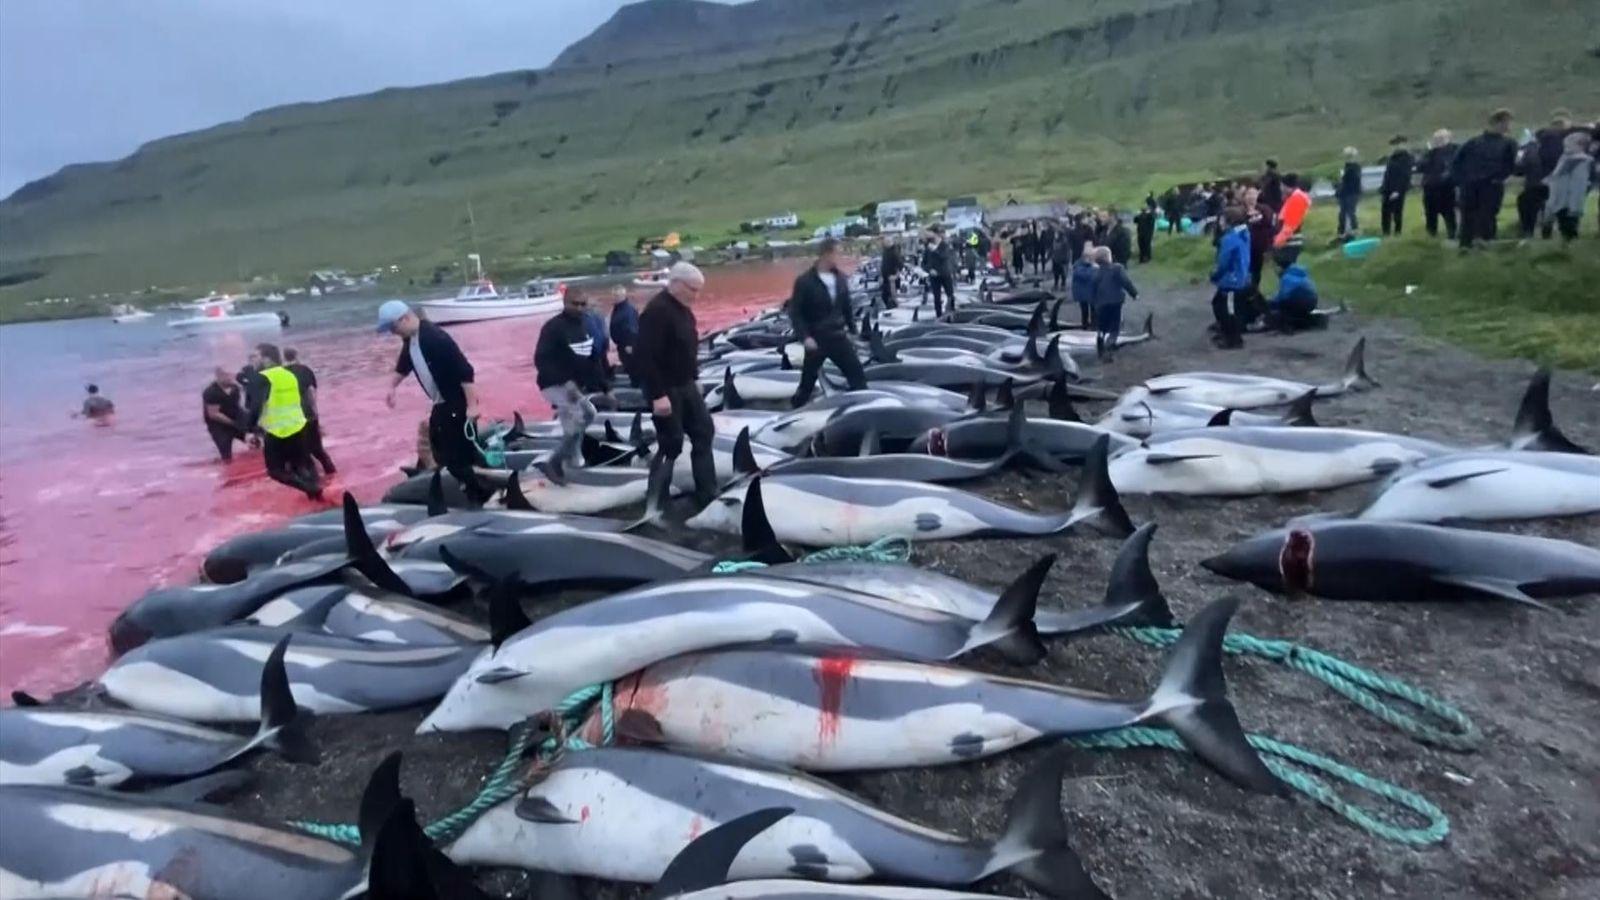 Ματωμένο φιόρδ: Διεθνής κατακραυγή για τη σφαγή 1.400 δελφινιών στις Φερόες της Δανίας